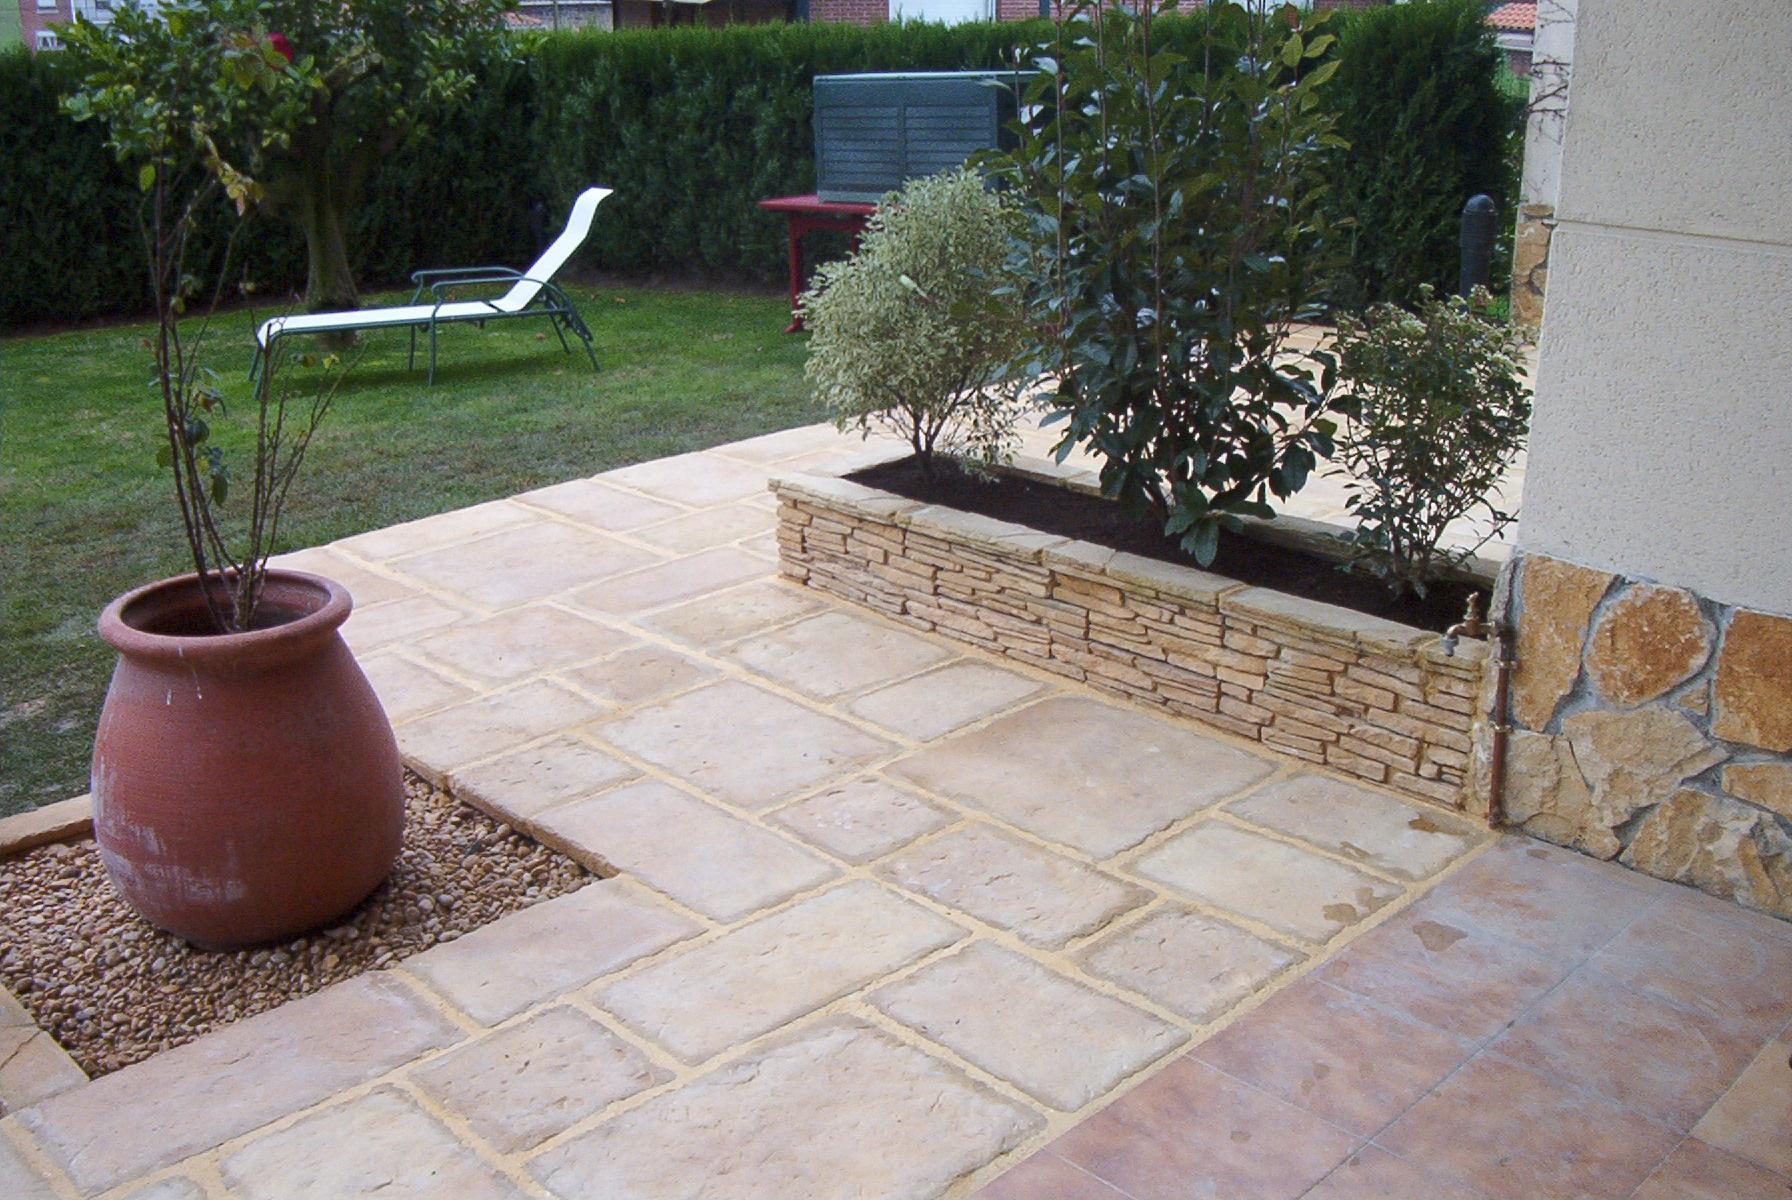 Jardineras sobe suelo de piedra bioklan - Suelo de piedra ...